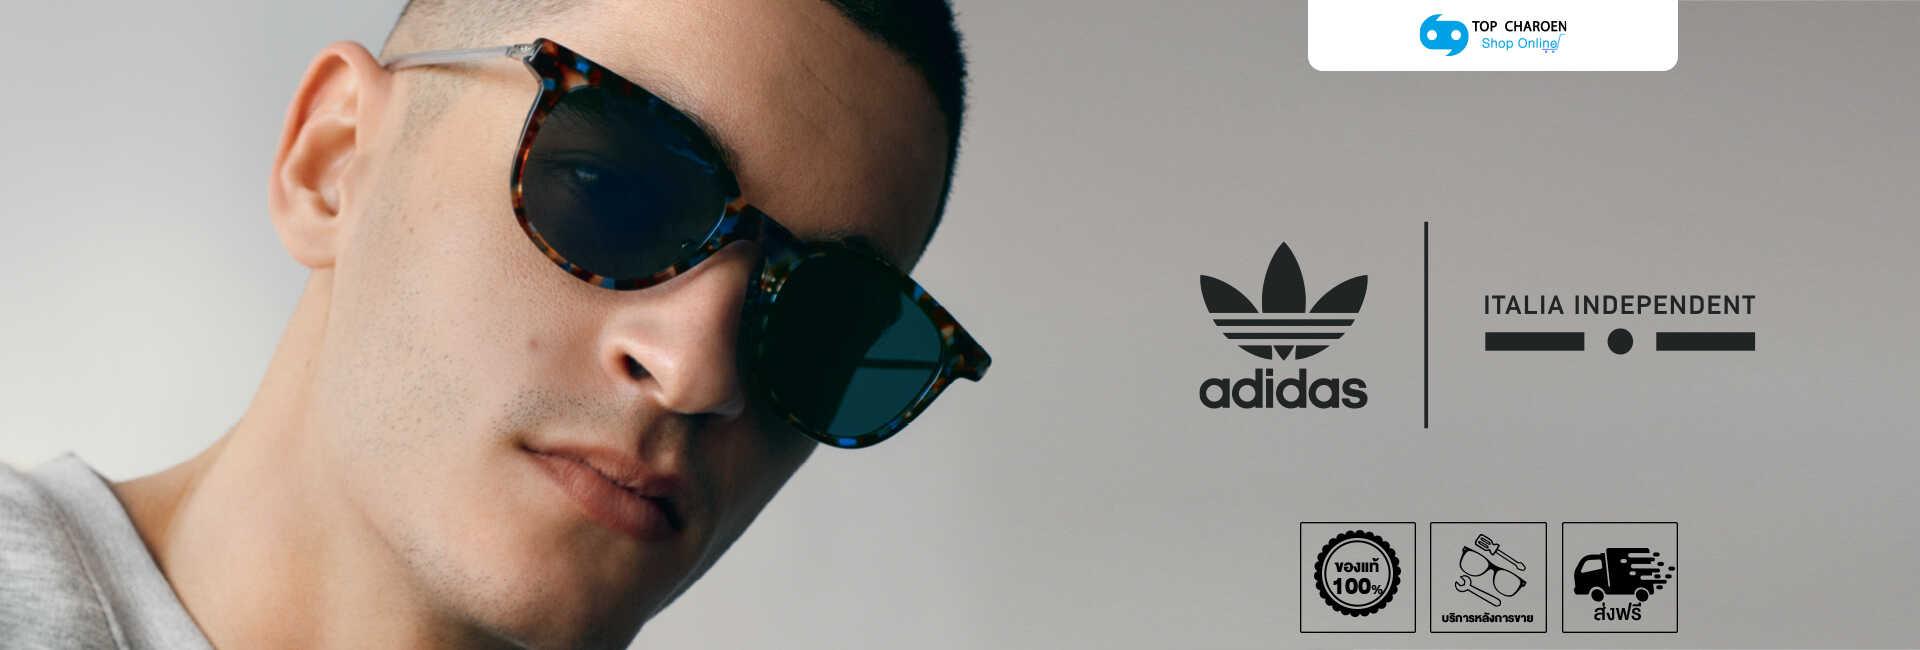 Shoponline Topcharoen Adidas